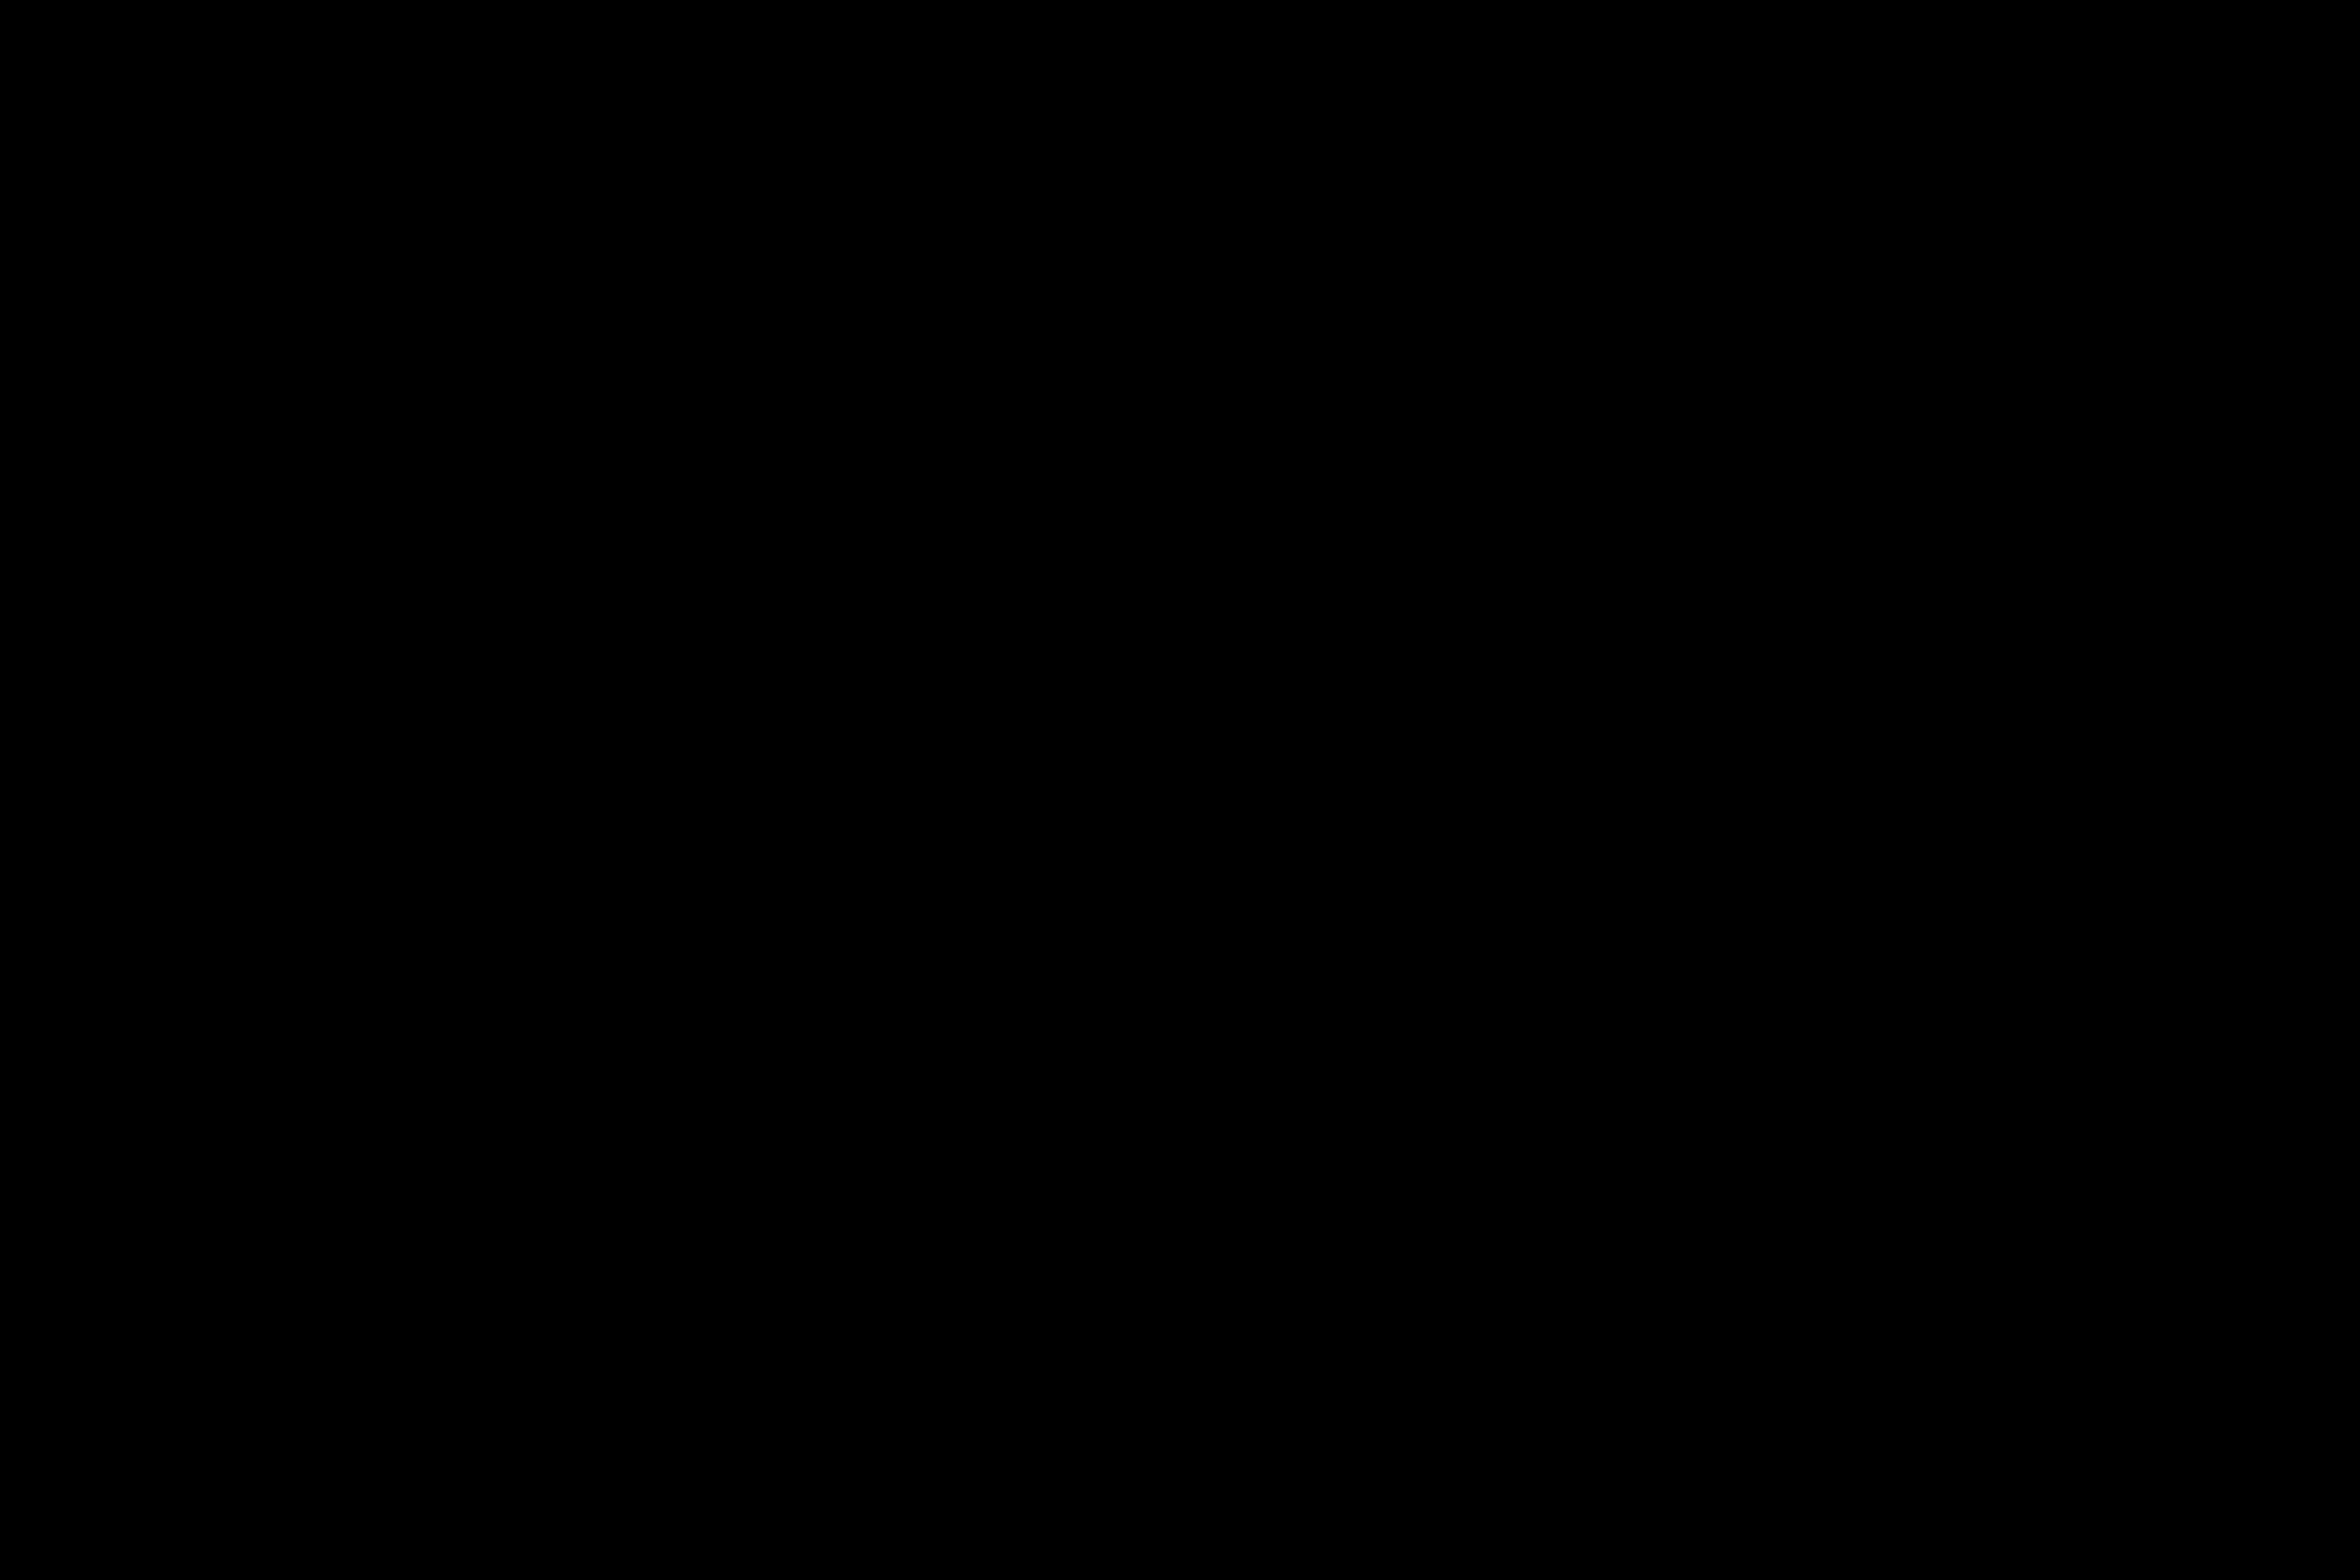 A Mádl Ferenc Összehasonlító Jogi Intézet nevében Szilágyi János Ede, az intézet vezetője, valamint vezetőtársai és vezető munkatársai / Fotó: MTI Máthé Zoltán